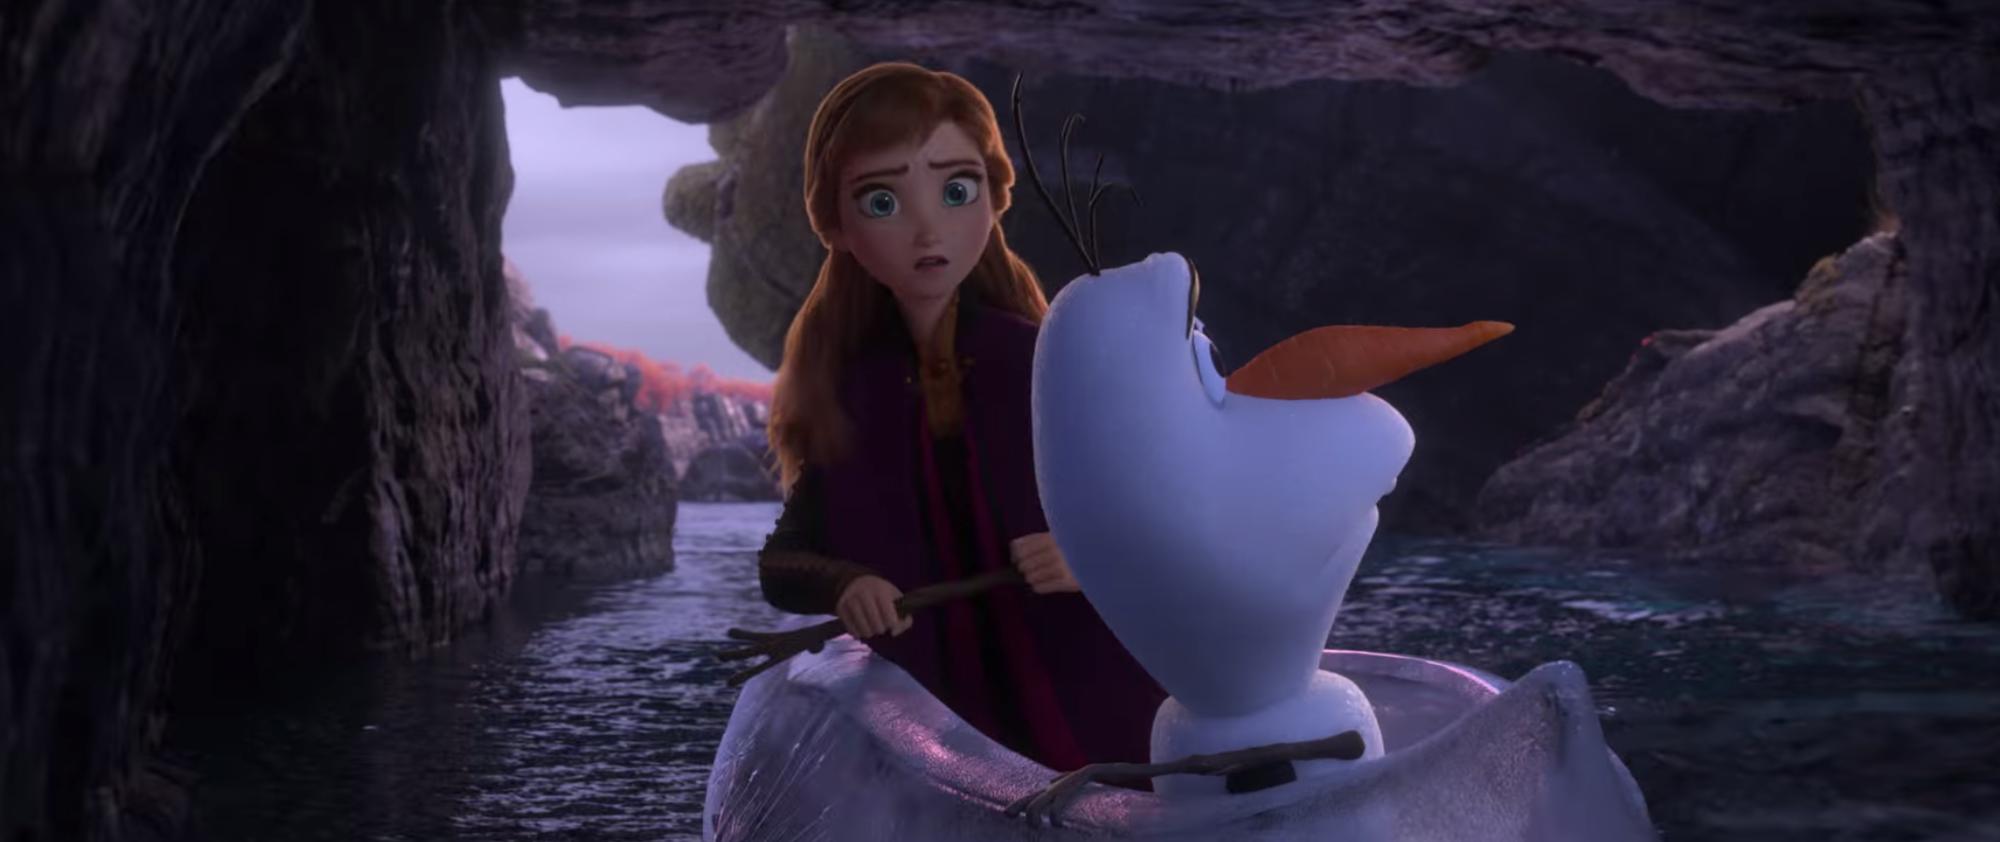 Frozen 2 tung trailer: Elsa cực kì lộng lẫy, xuất hiện siêu thú kì lân hoành tráng! - Ảnh 9.